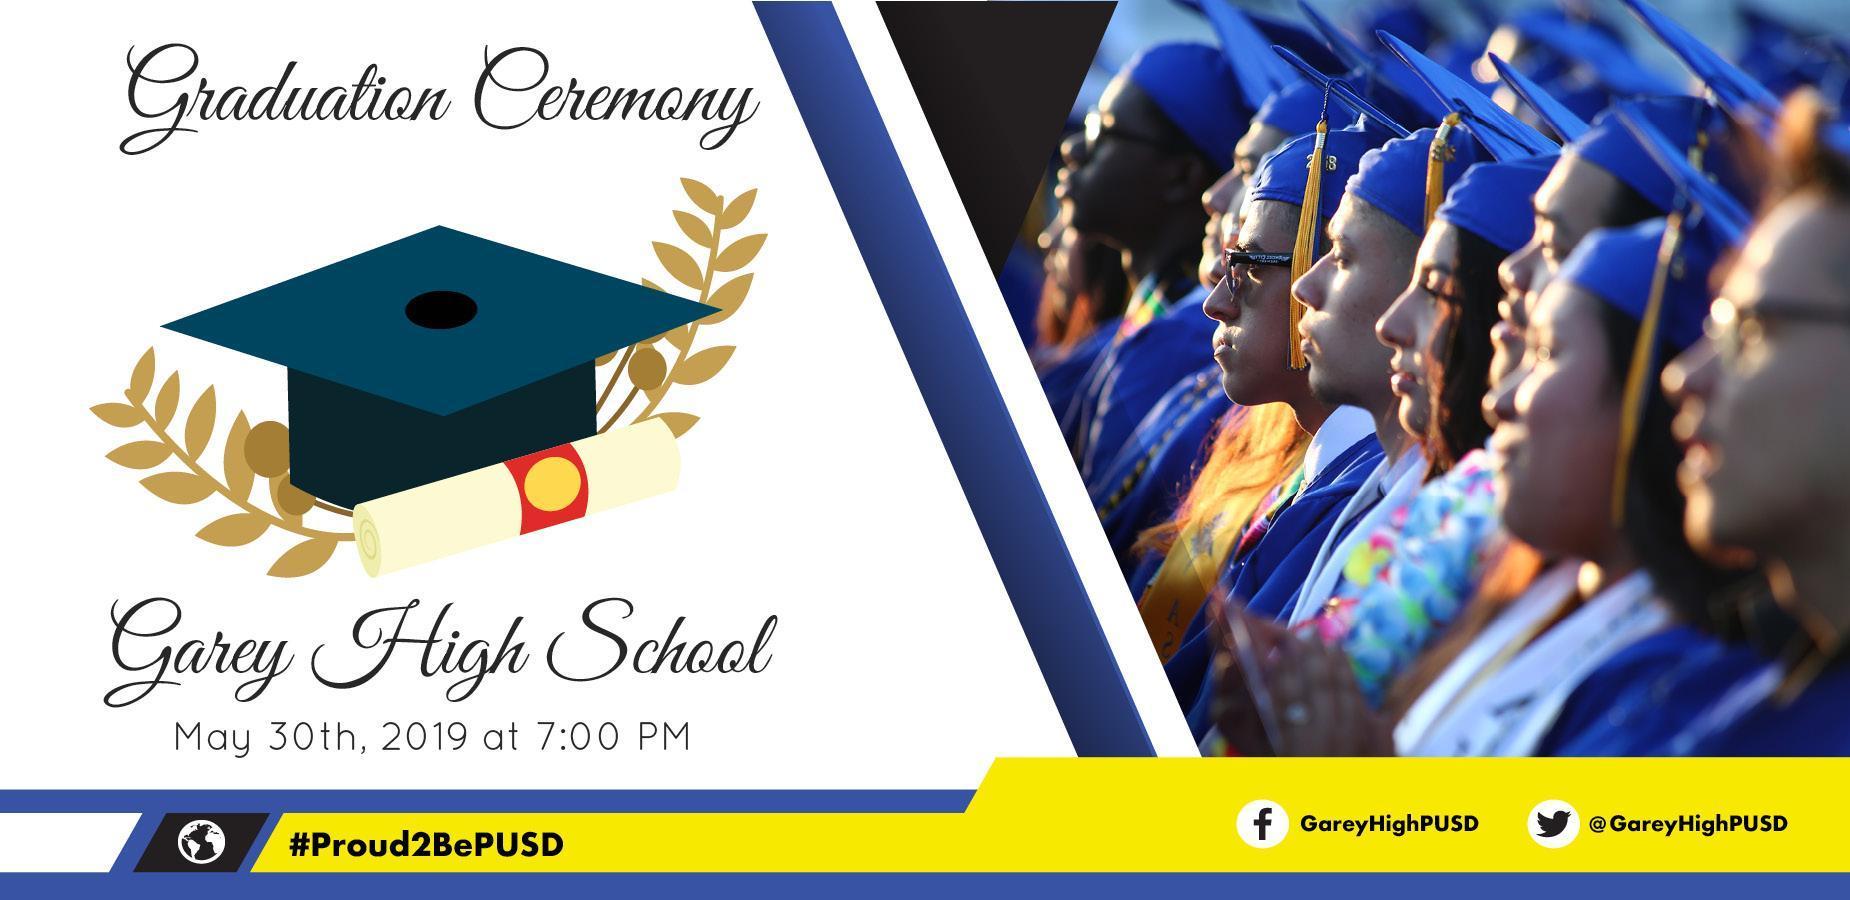 Garey High School: May 30th, 2019 at 7:00 pm